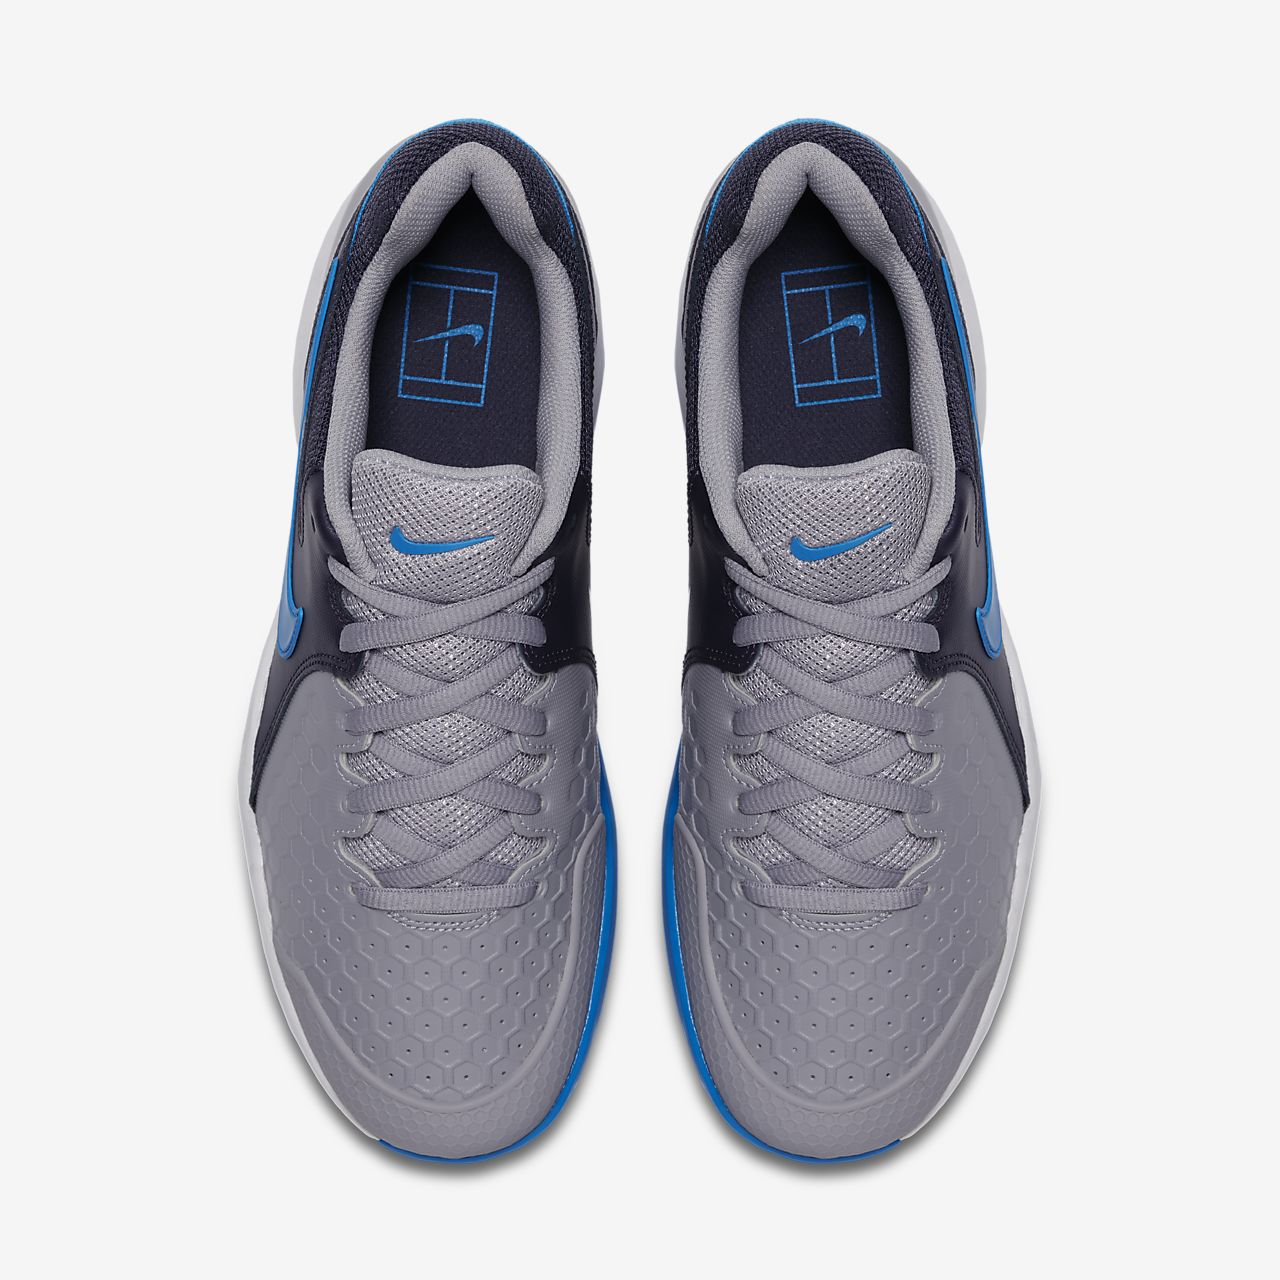 NikeCourt Air Zoom Resistance Clay Herren-Tennisschuh